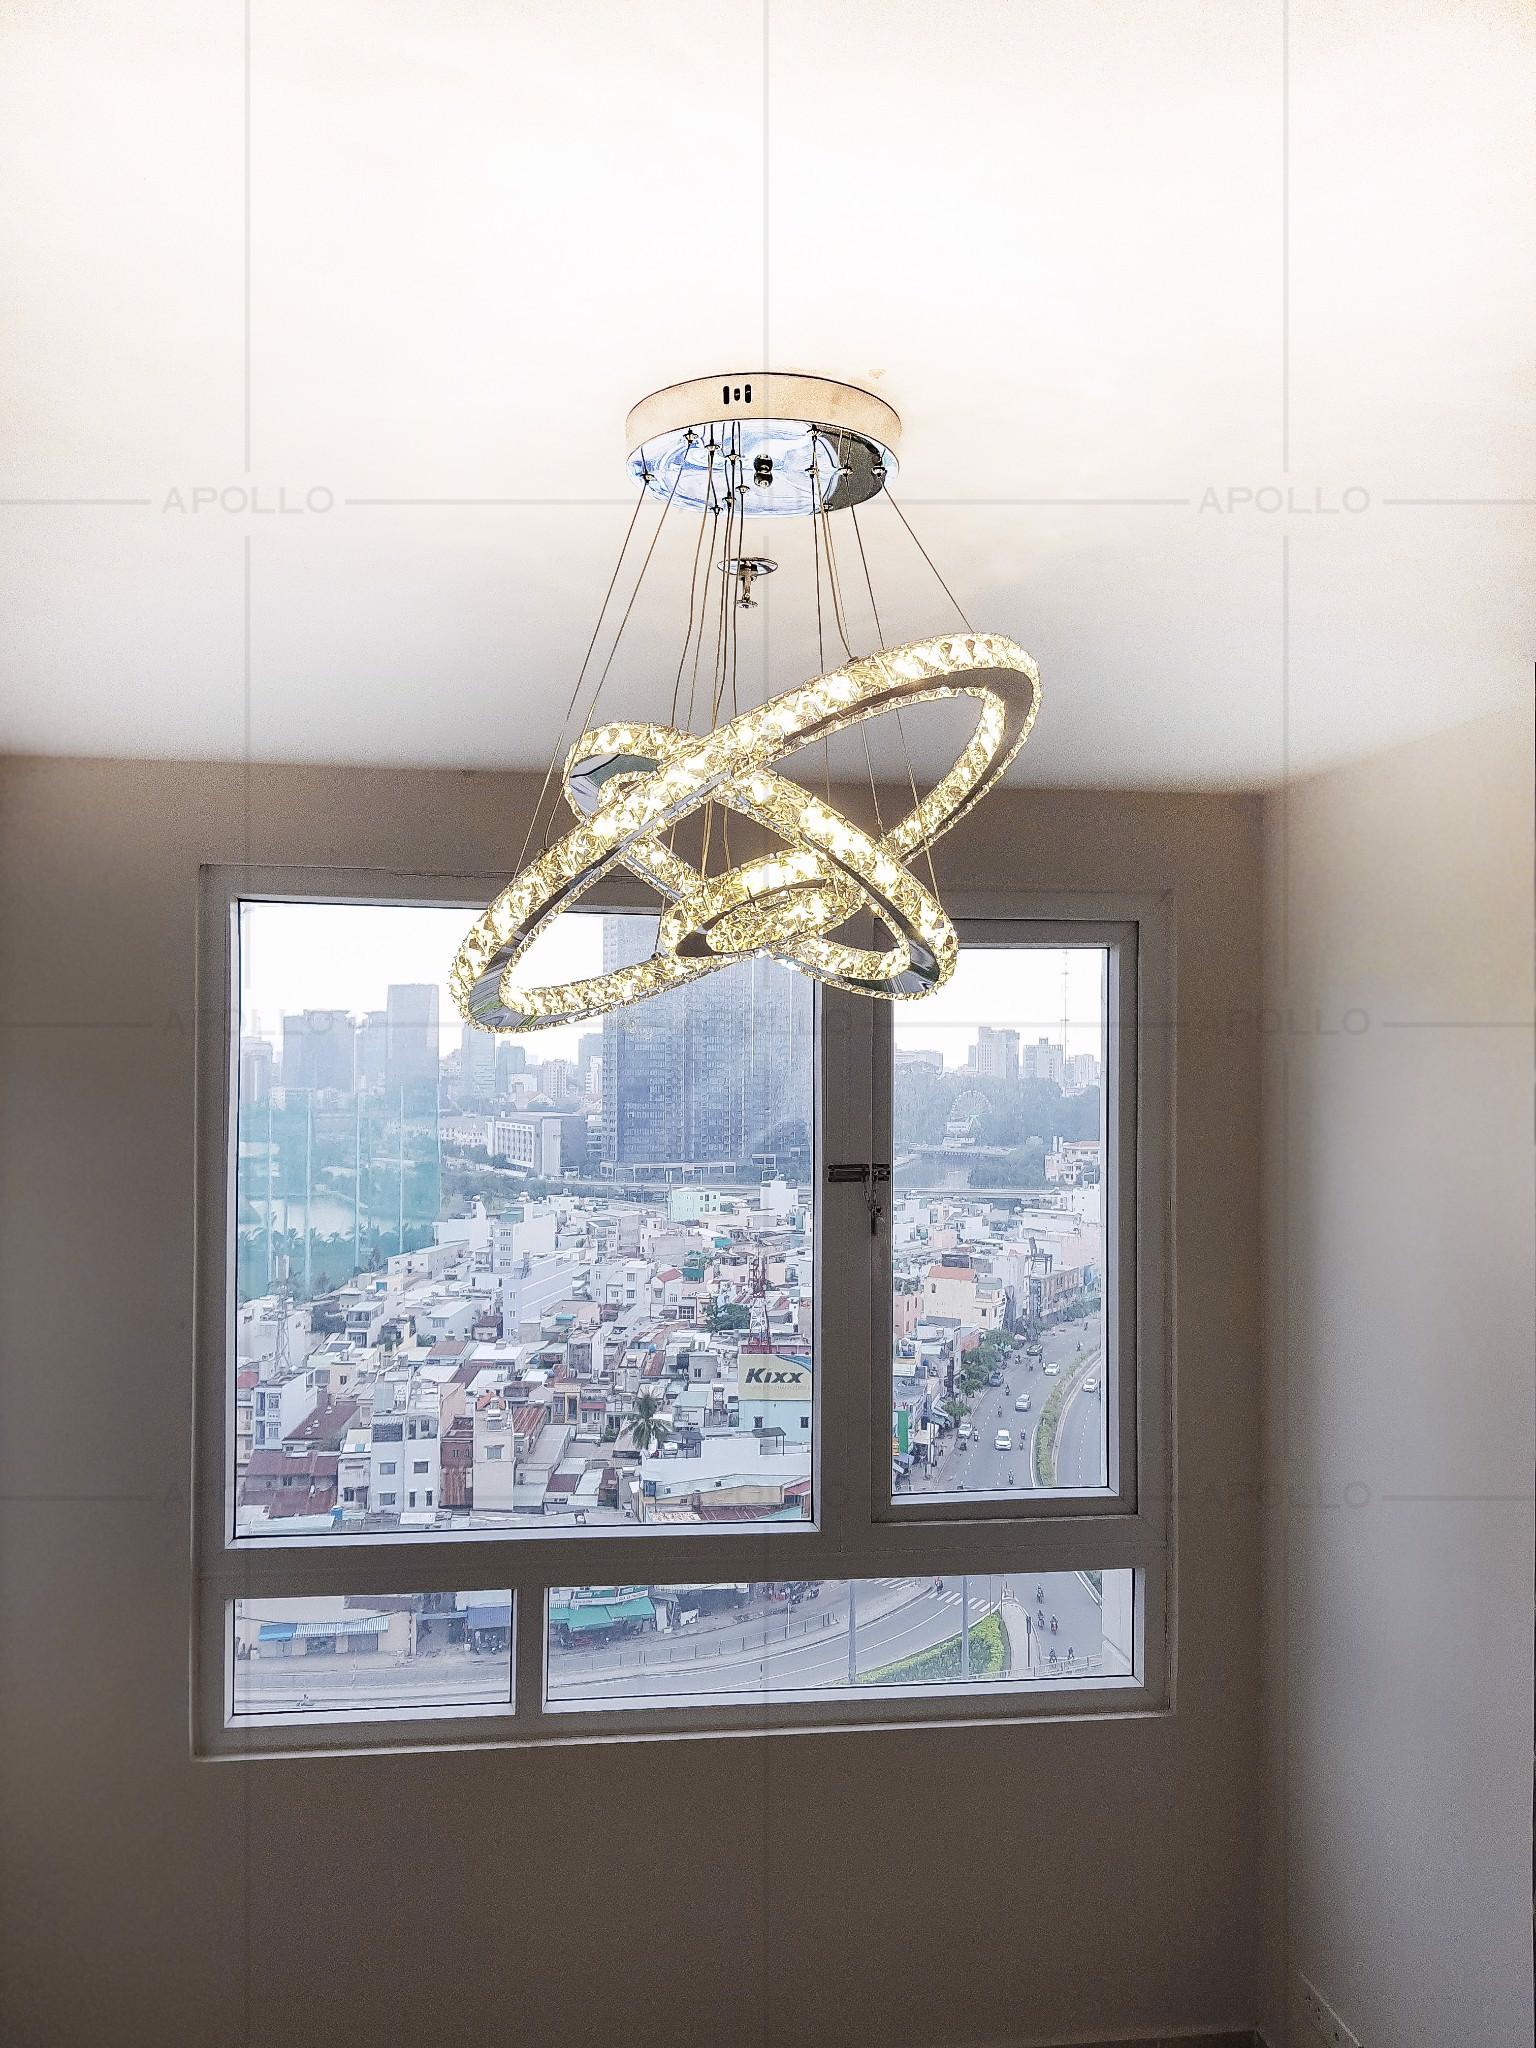 đèn thả pha lê 3 vòng hiện đại trang trí phòng khách